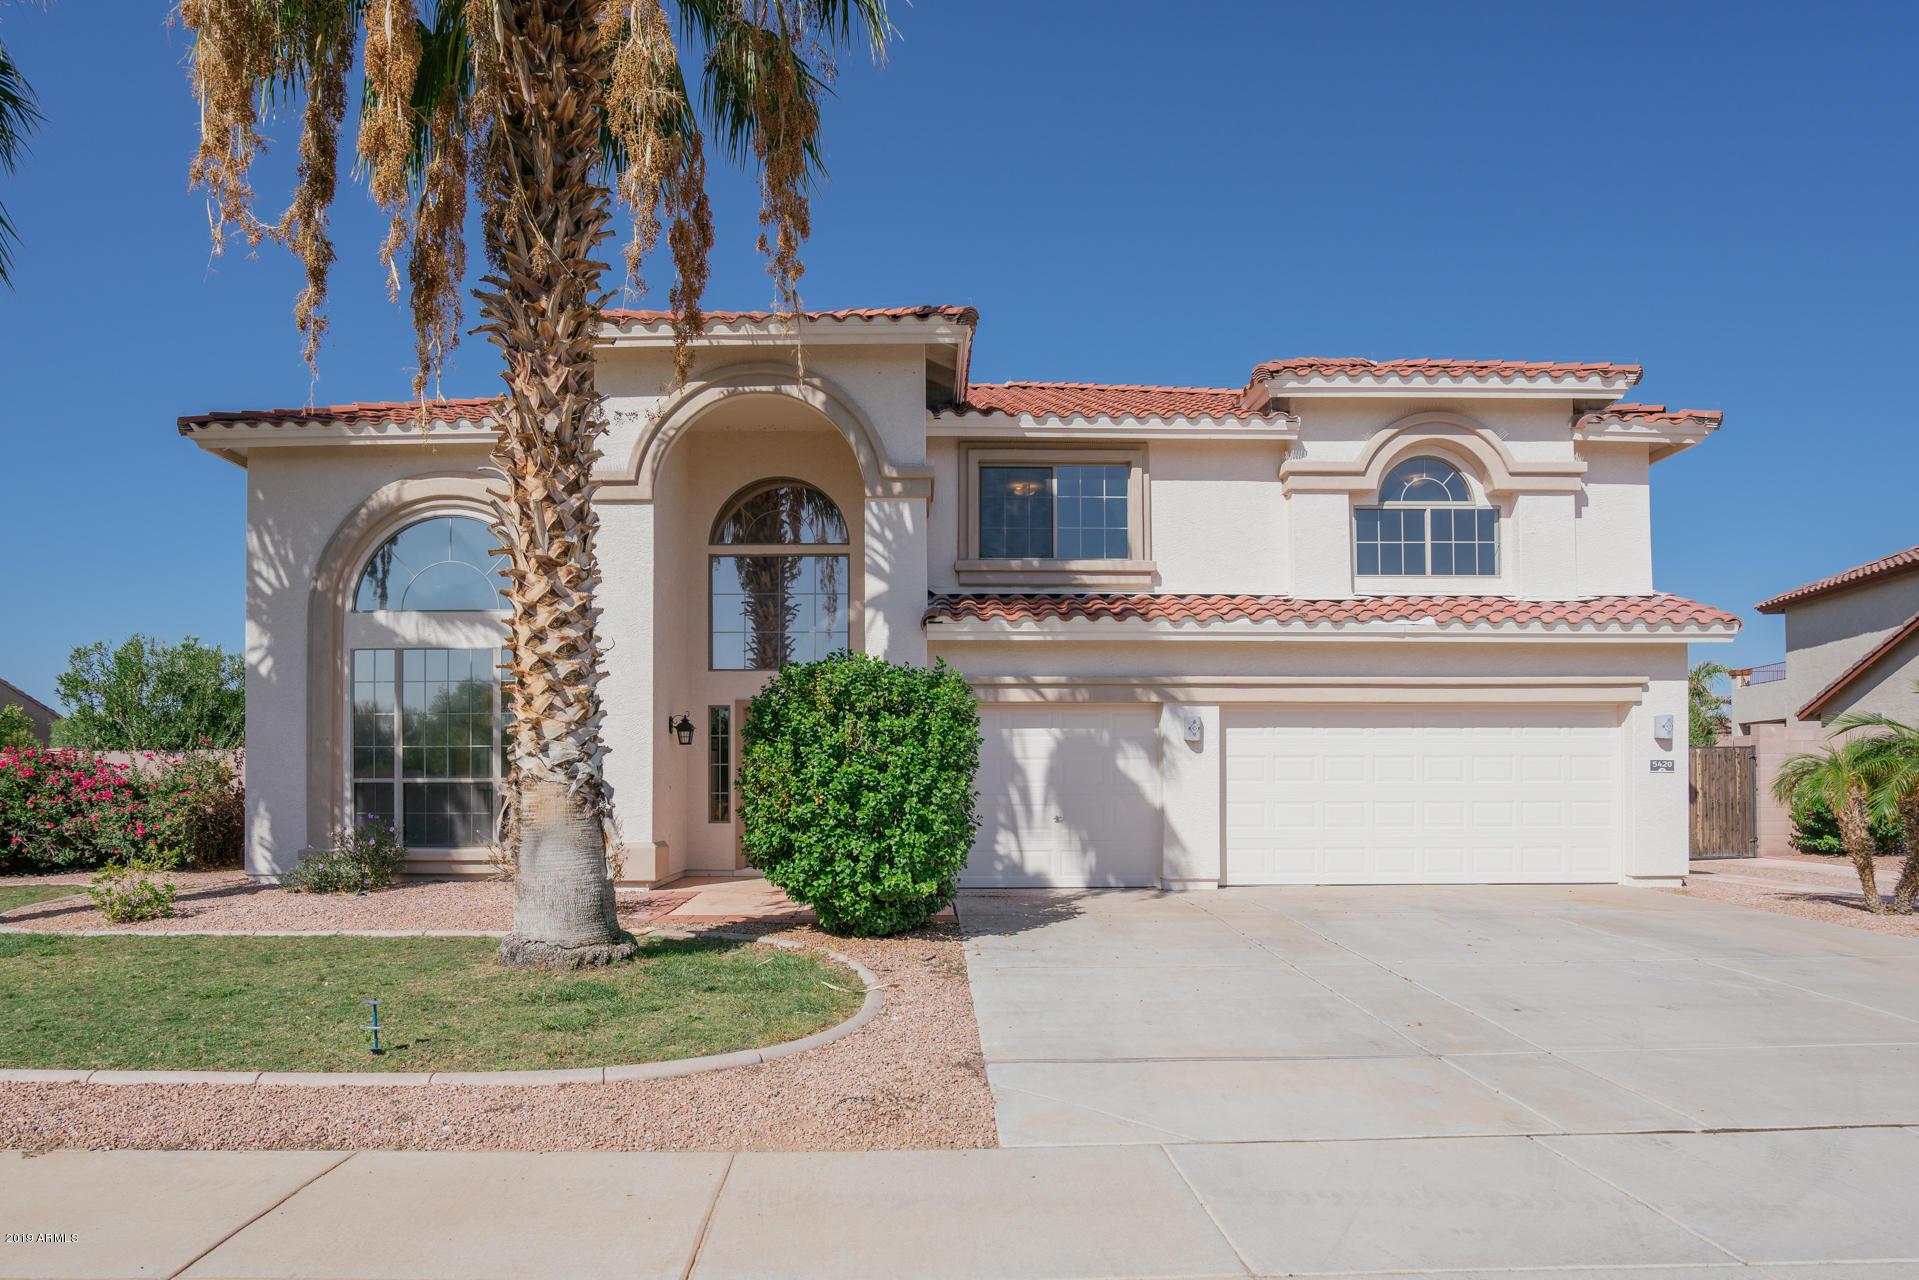 Photo of 5420 N 137TH Avenue, Litchfield Park, AZ 85340